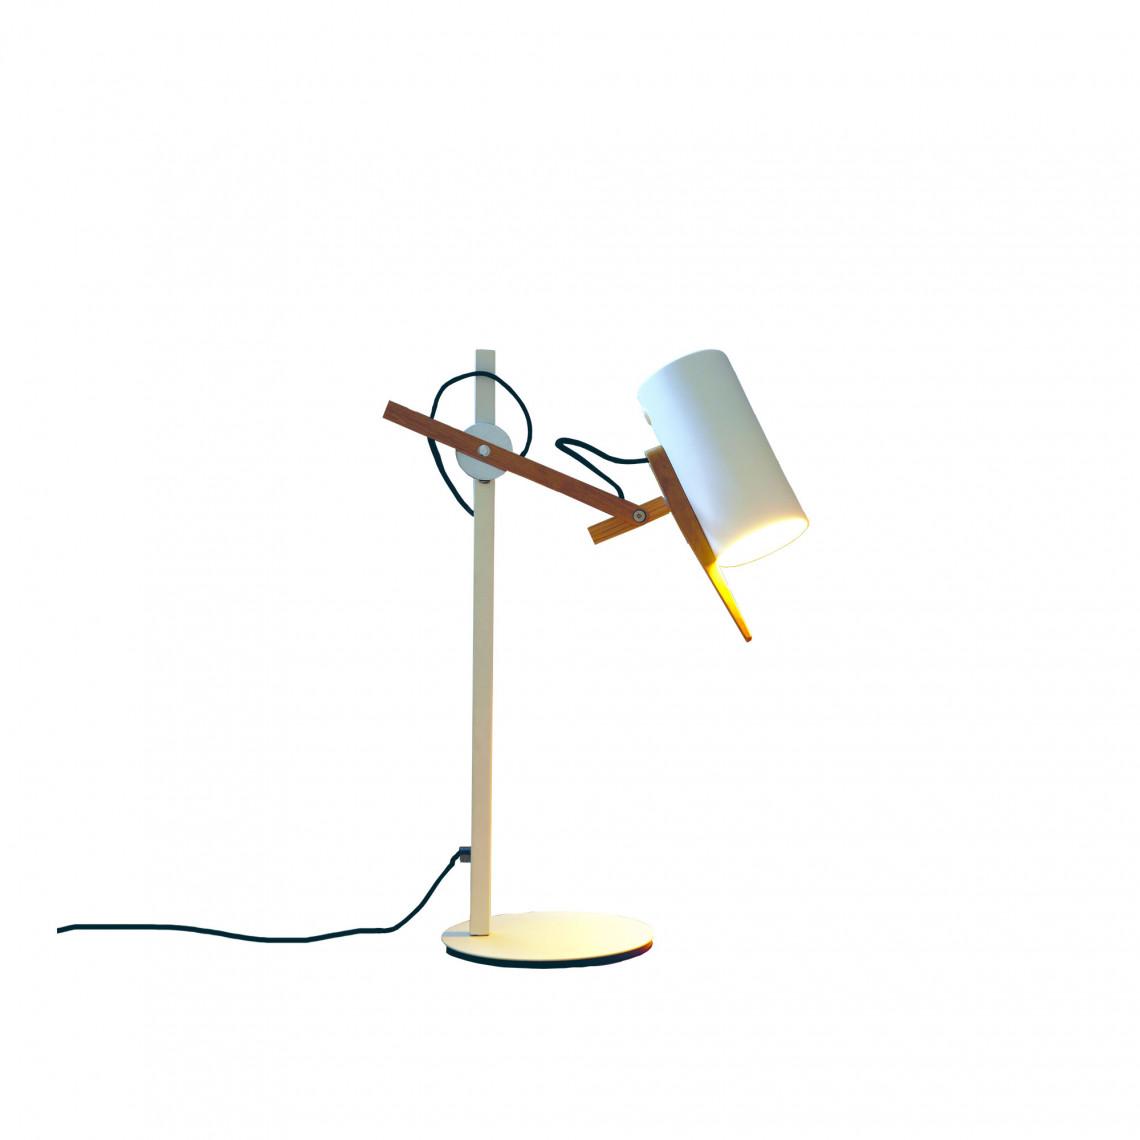 Scantling S - Table Lamp White